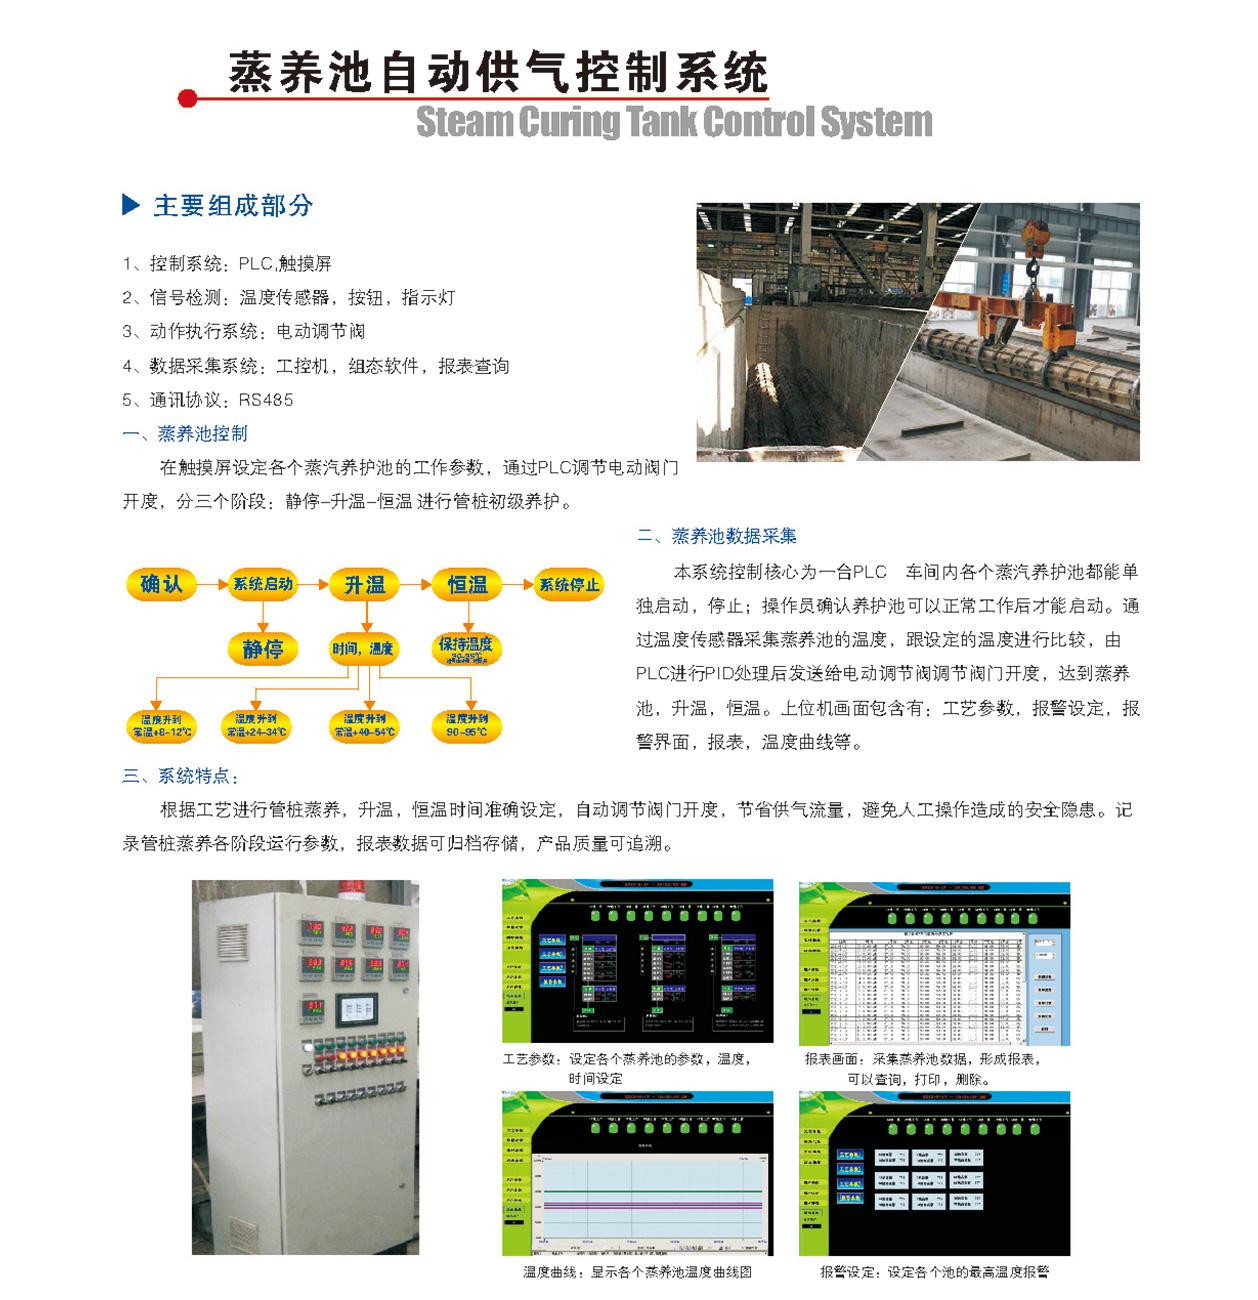 蒸养池自动供气控制系统